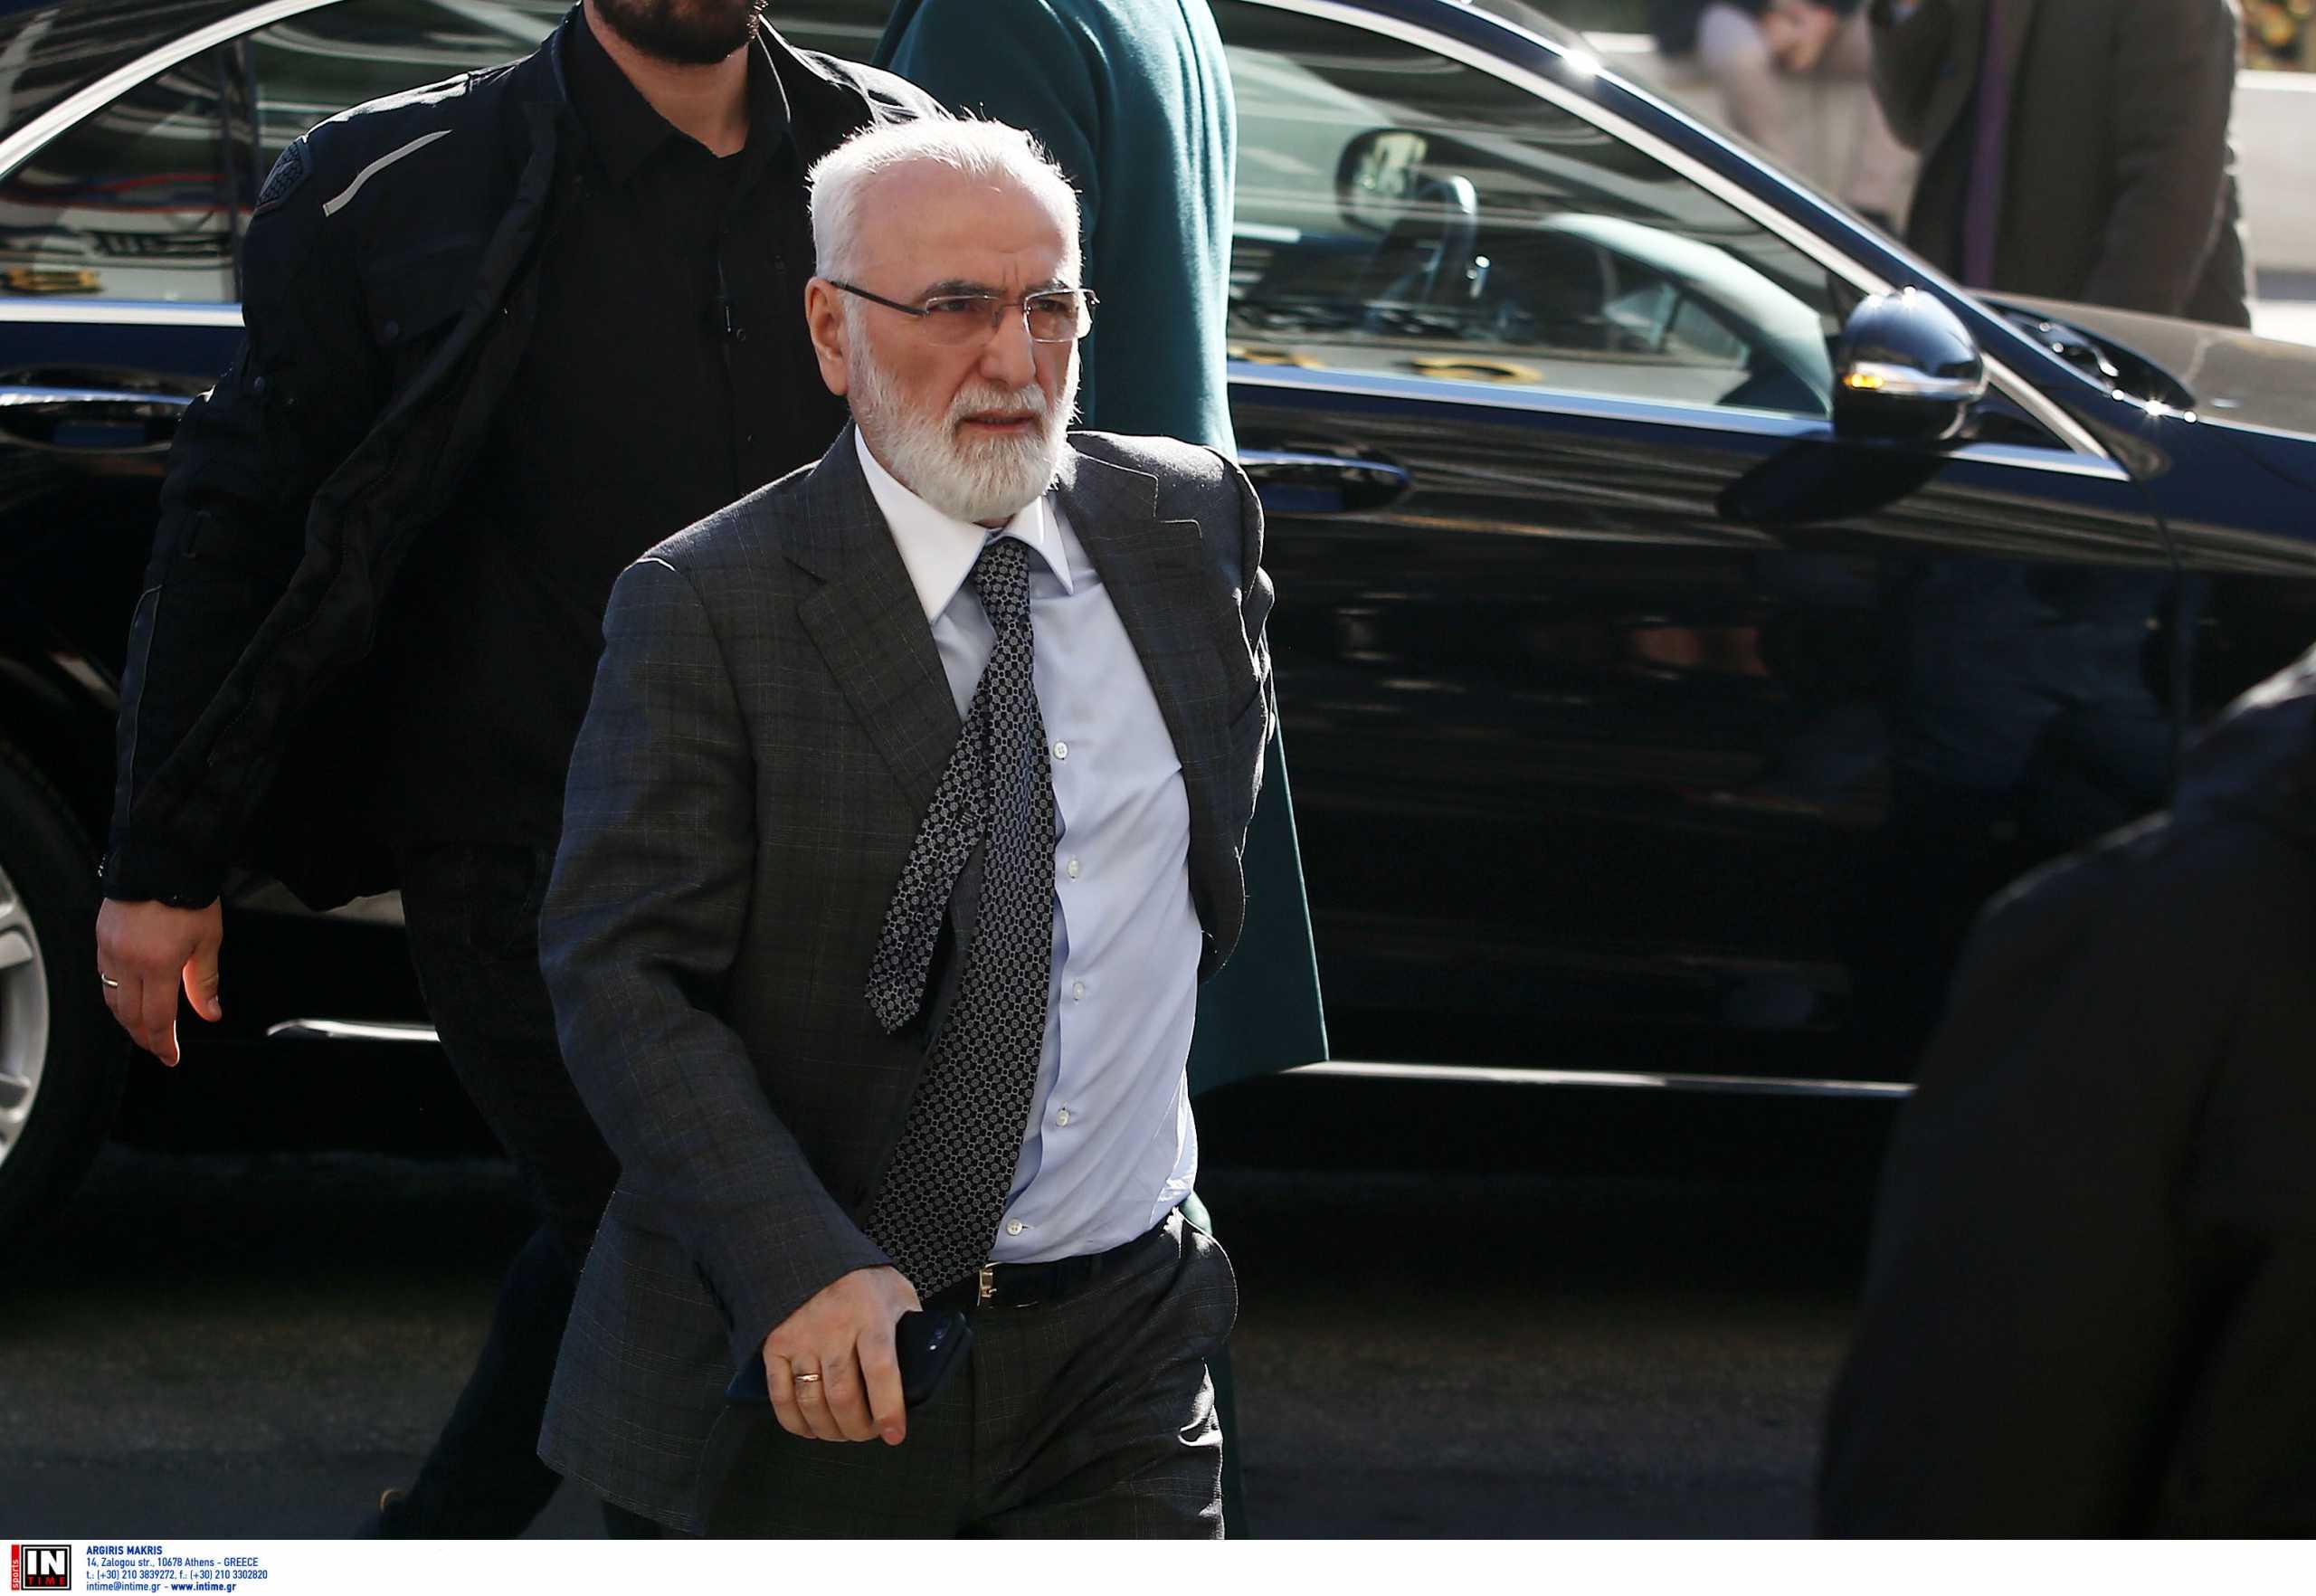 Ο Ιβάν Σαββίδης έτοιμος να αποκτήσει το ποσοστό των Γερμανών στον Οργανισμό Λιμένος Θεσσαλονίκης